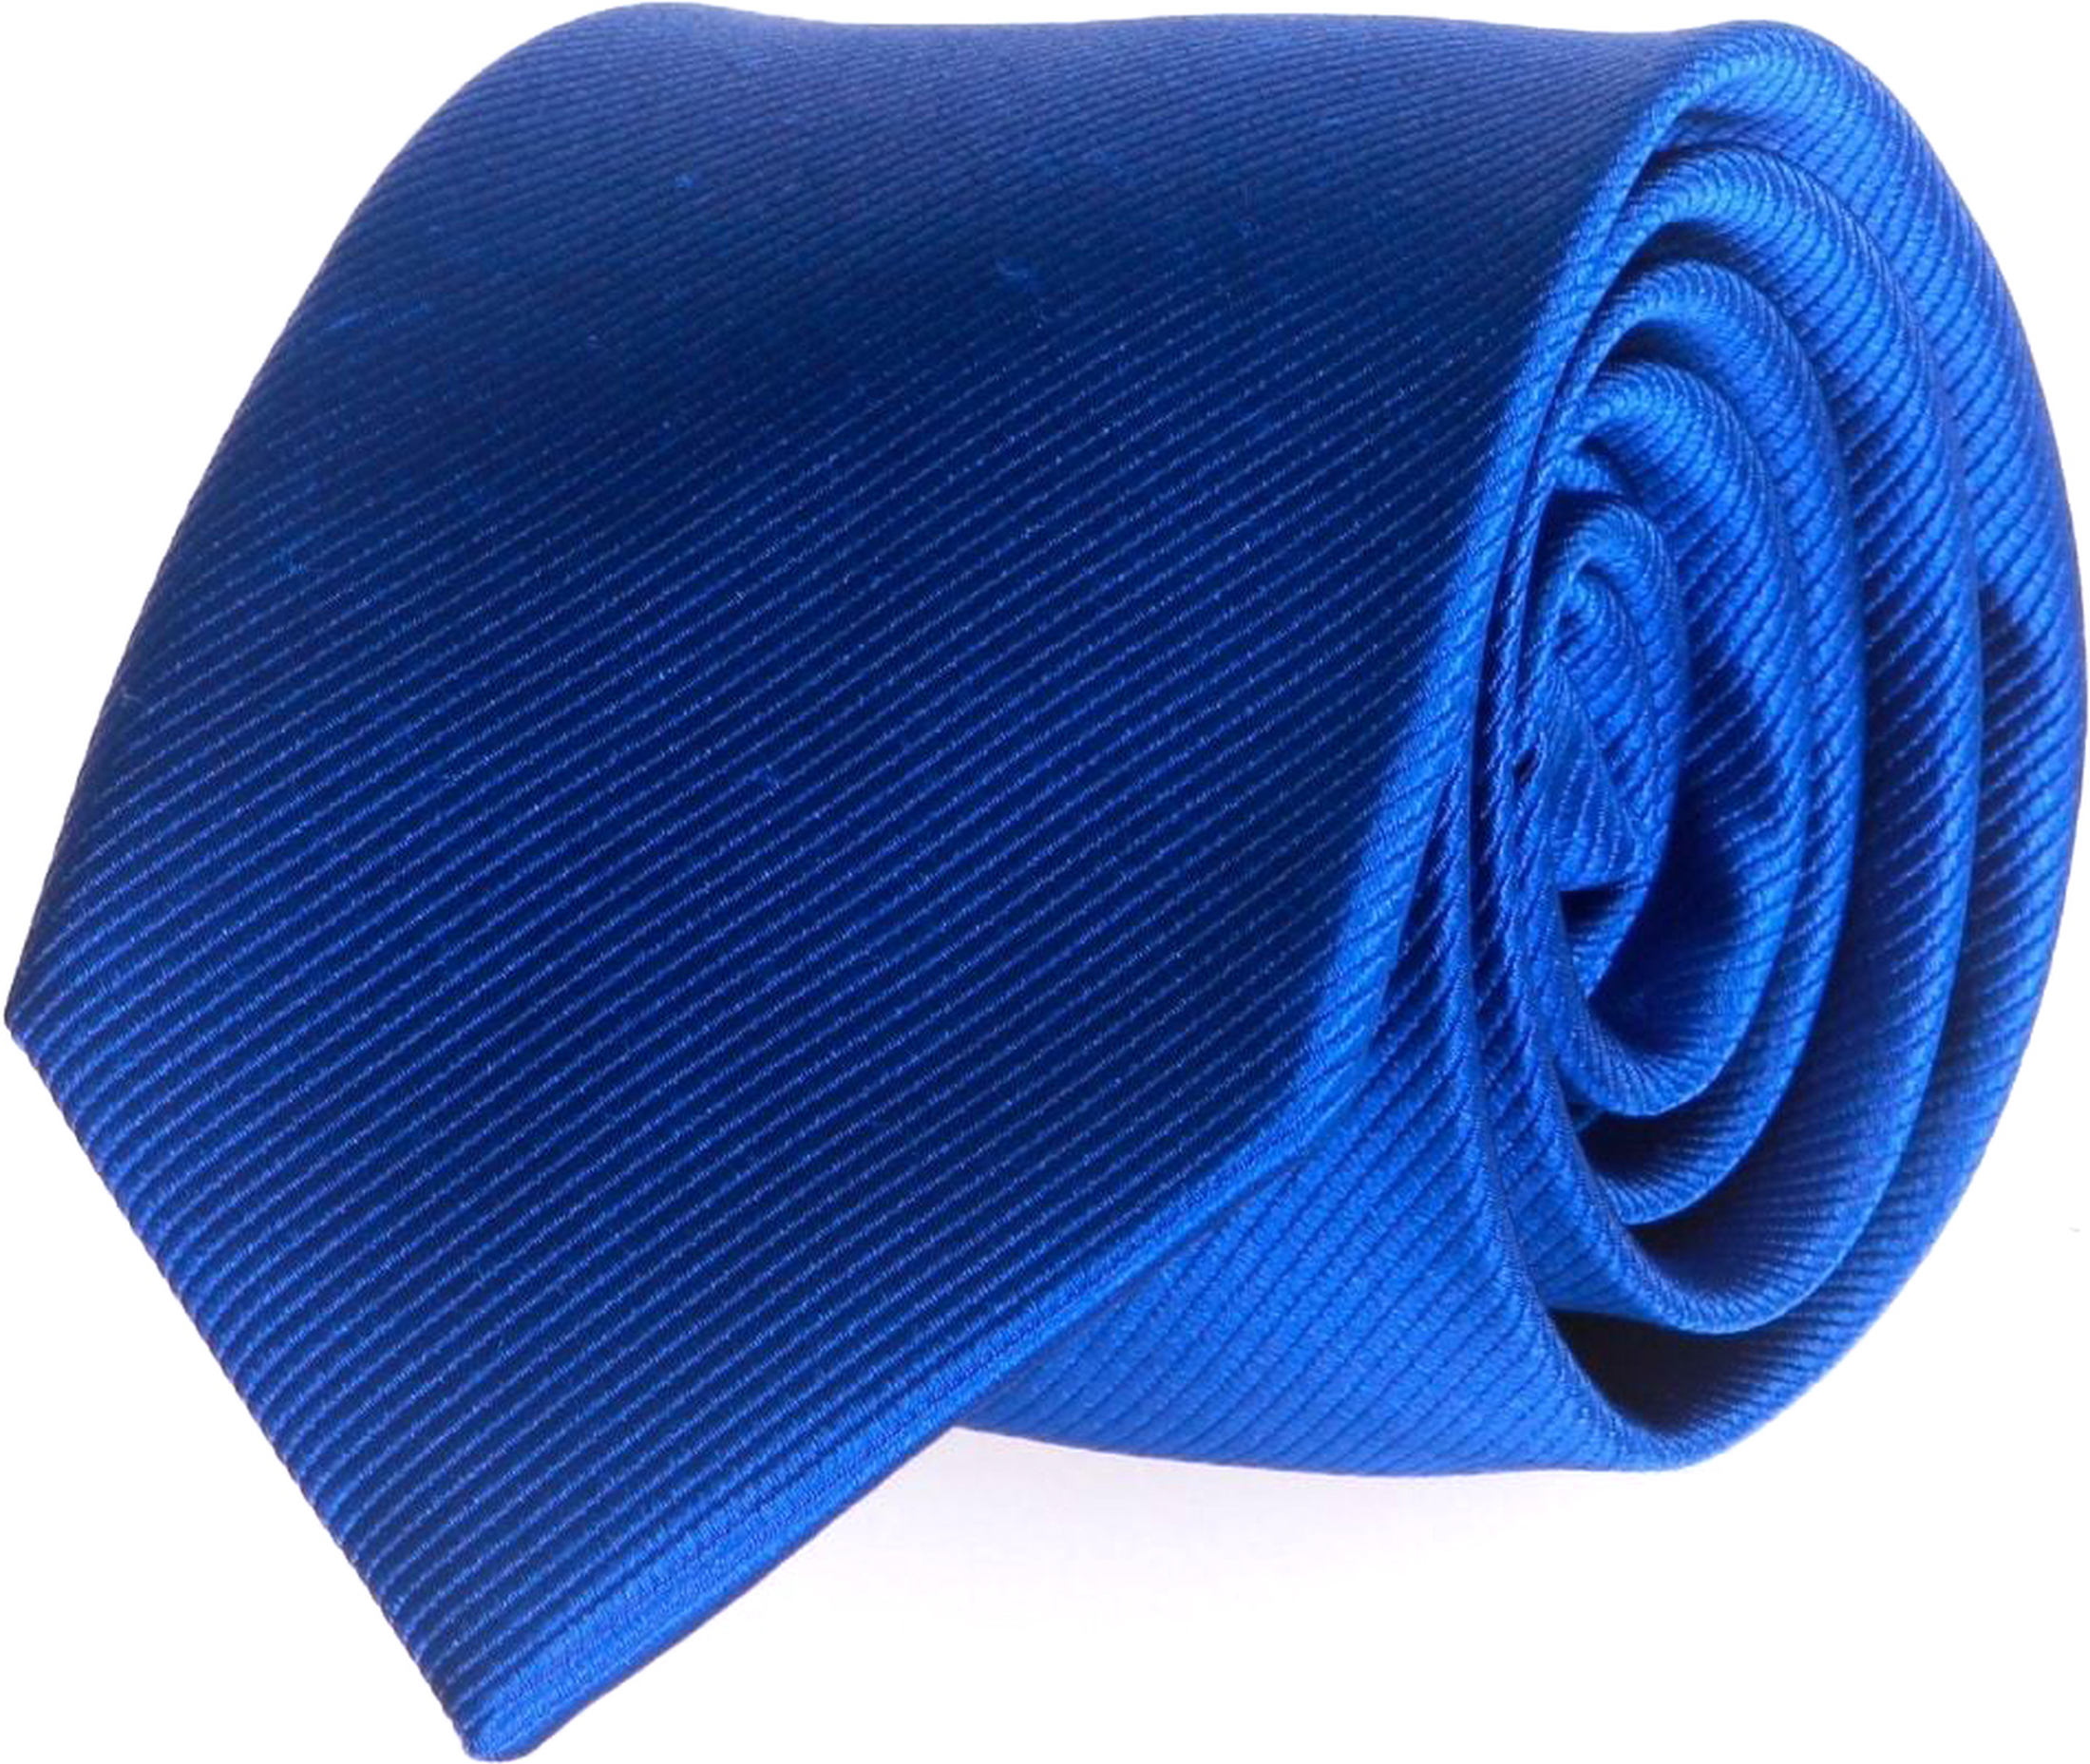 Krawatte Seide Kobaltblau Uni F65